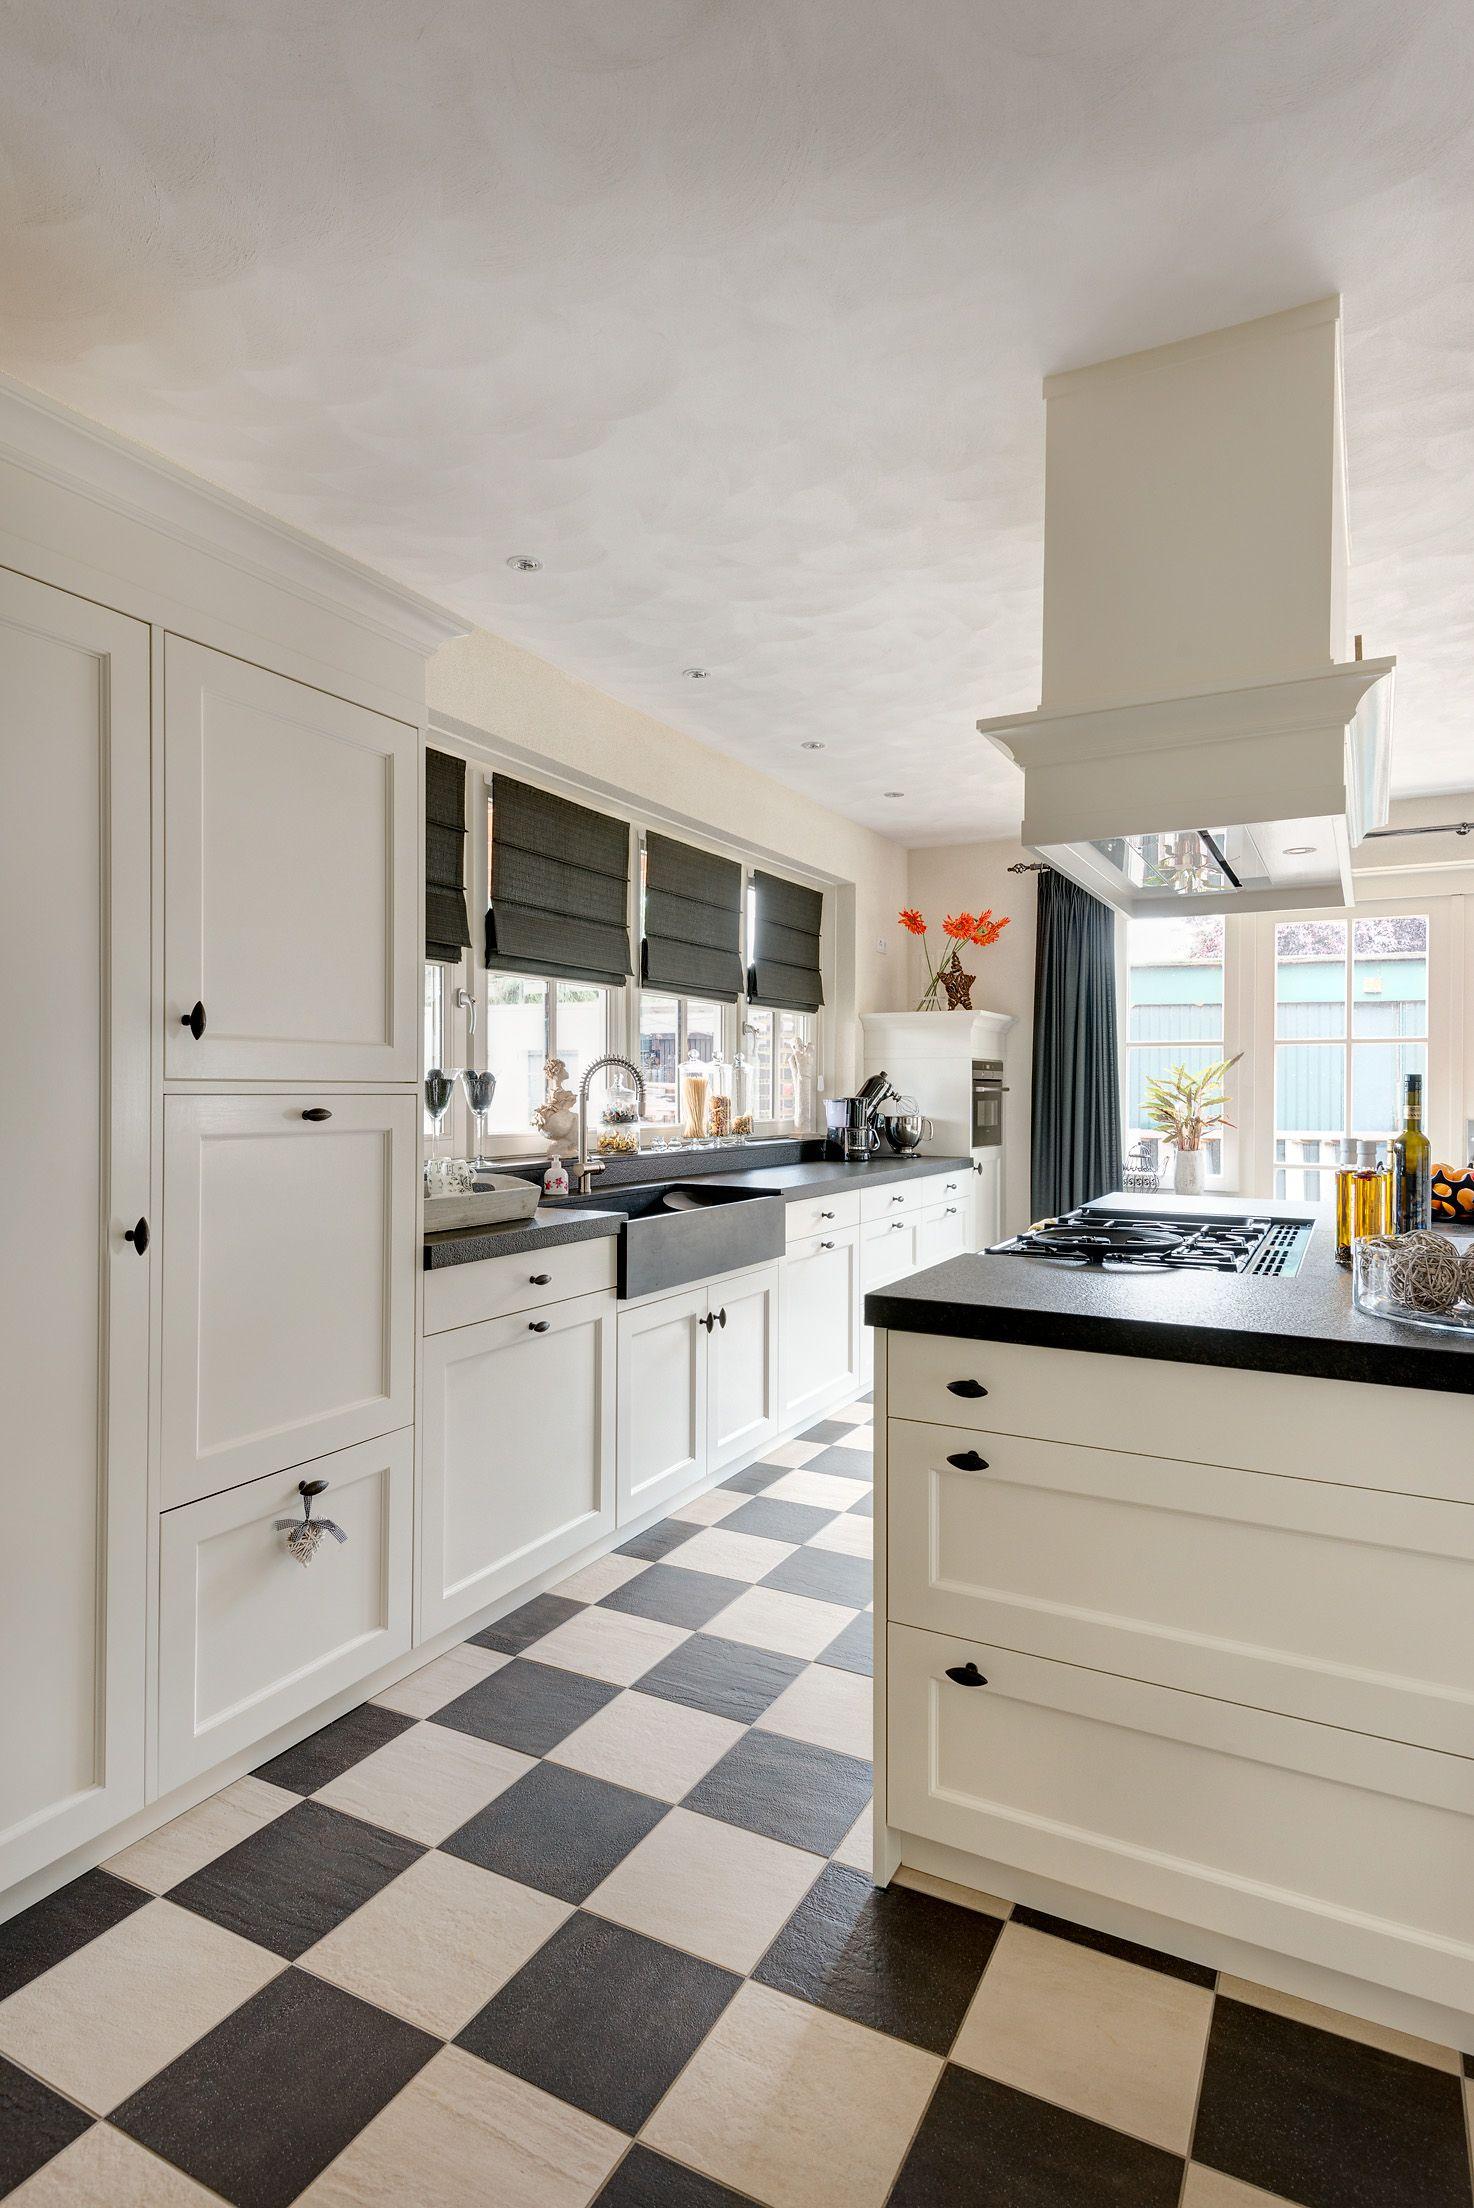 VRI interieur landelijke keuken modern wit en grijs met houten laden ...